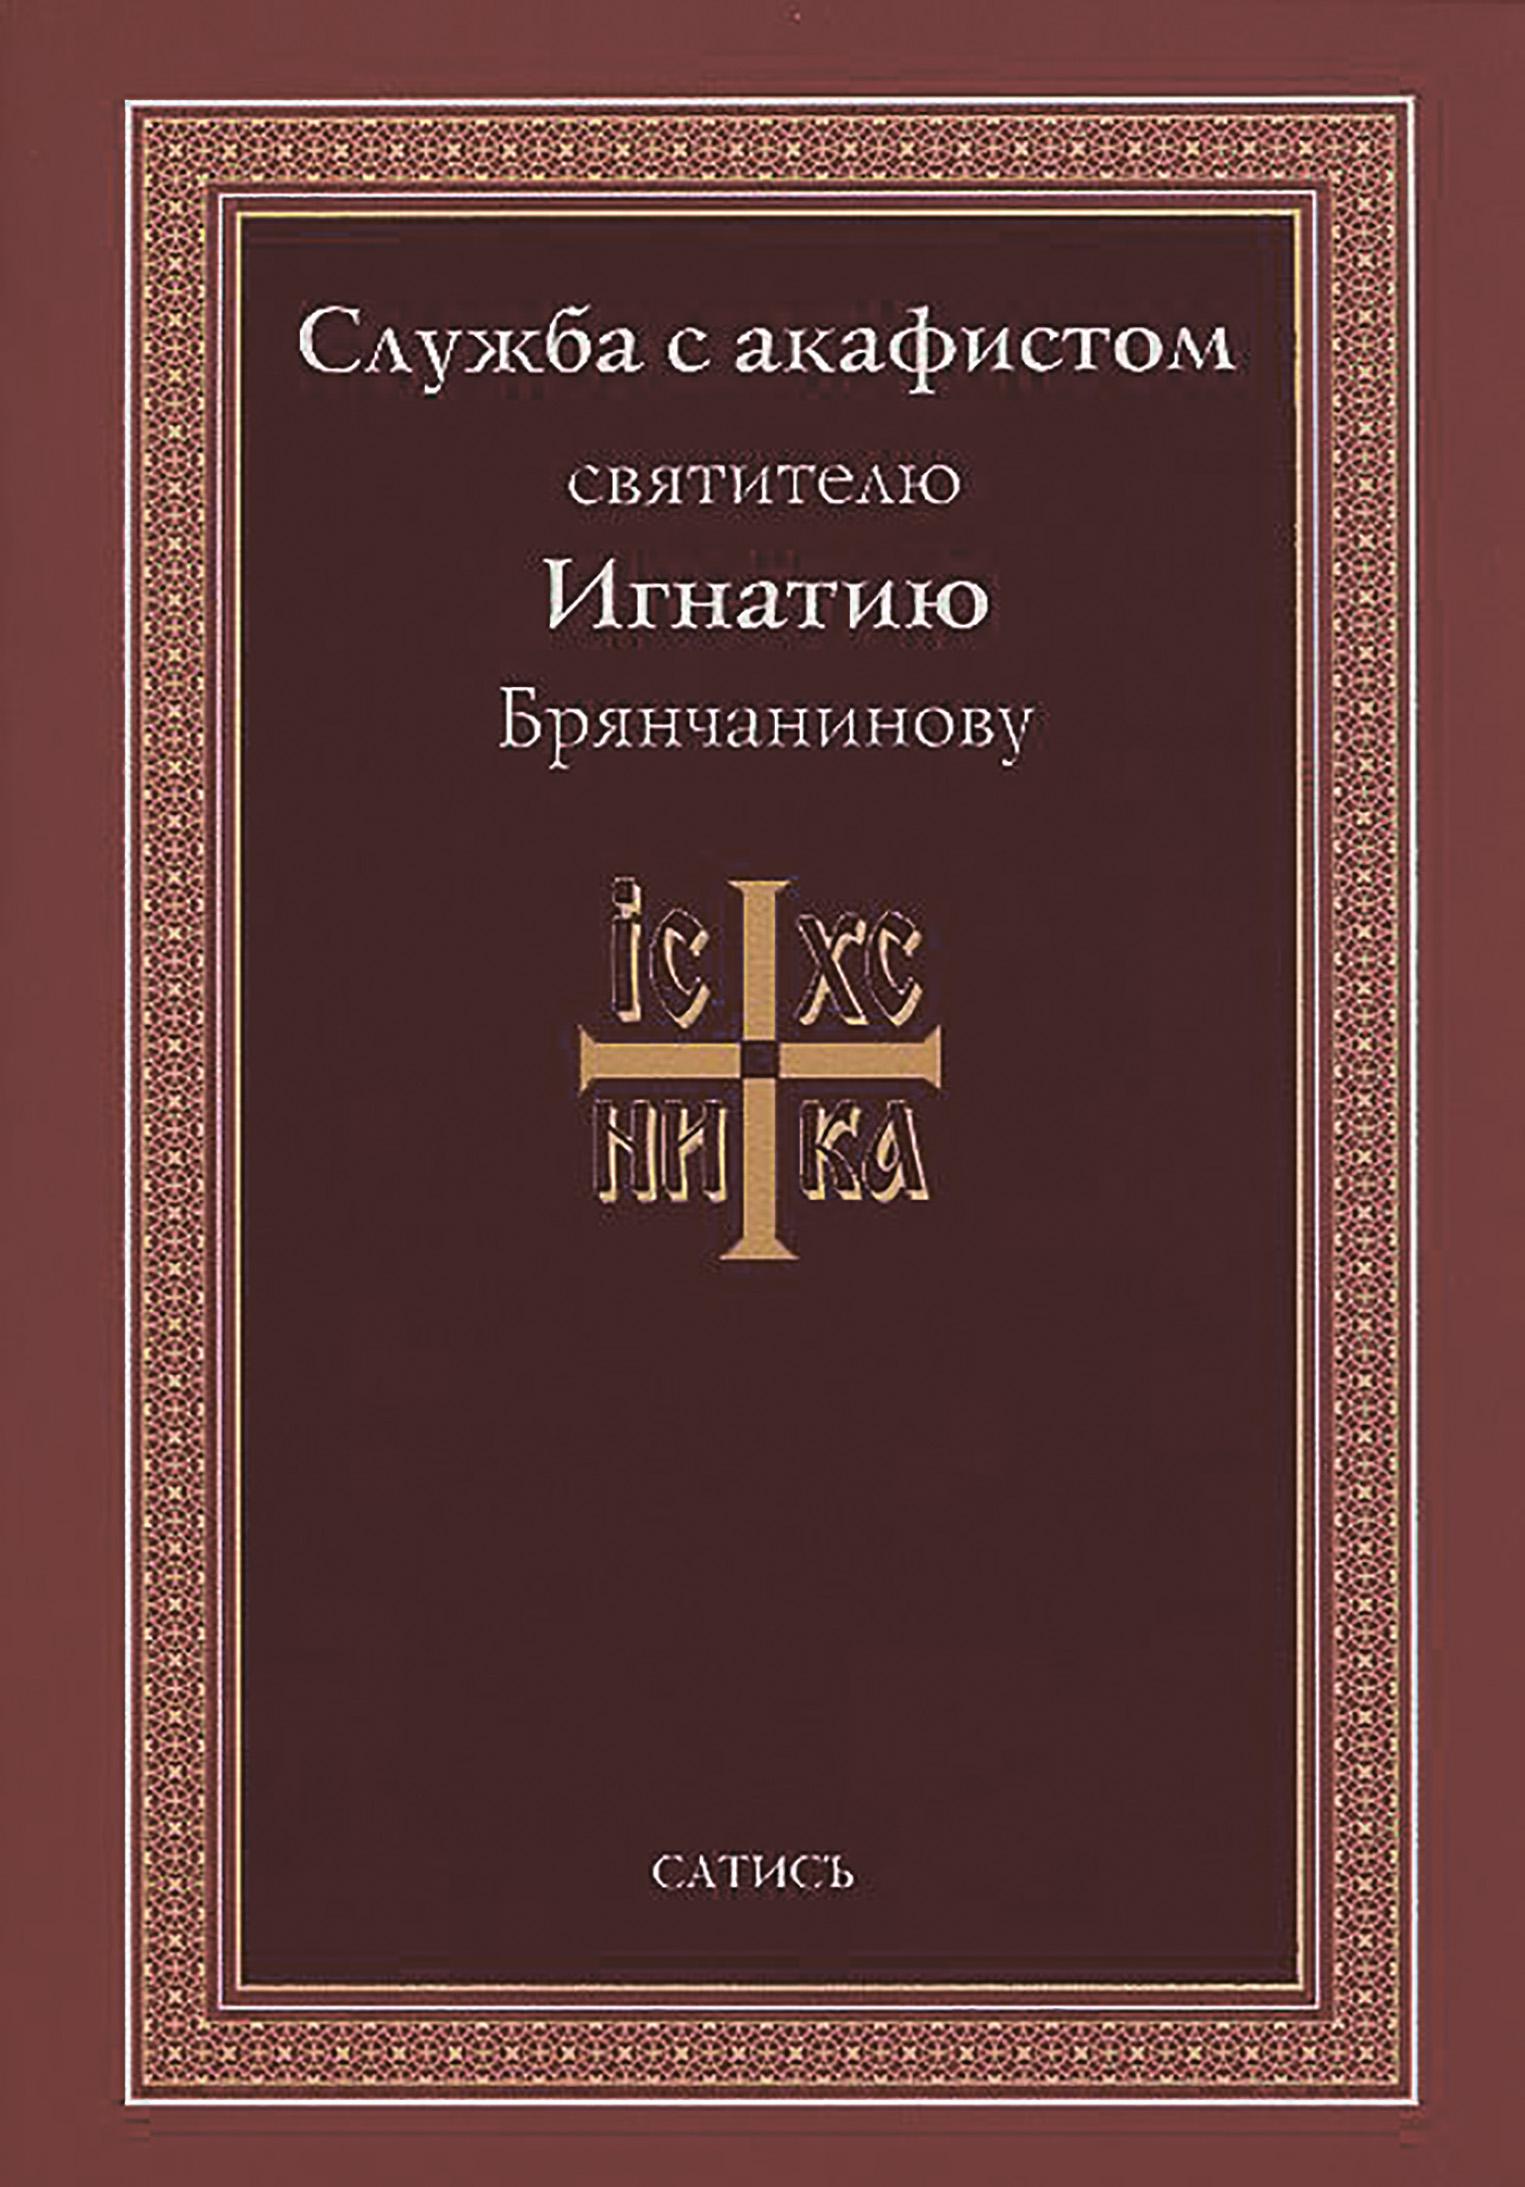 Служба с акафистом святителю Игнатию Брянчанинову